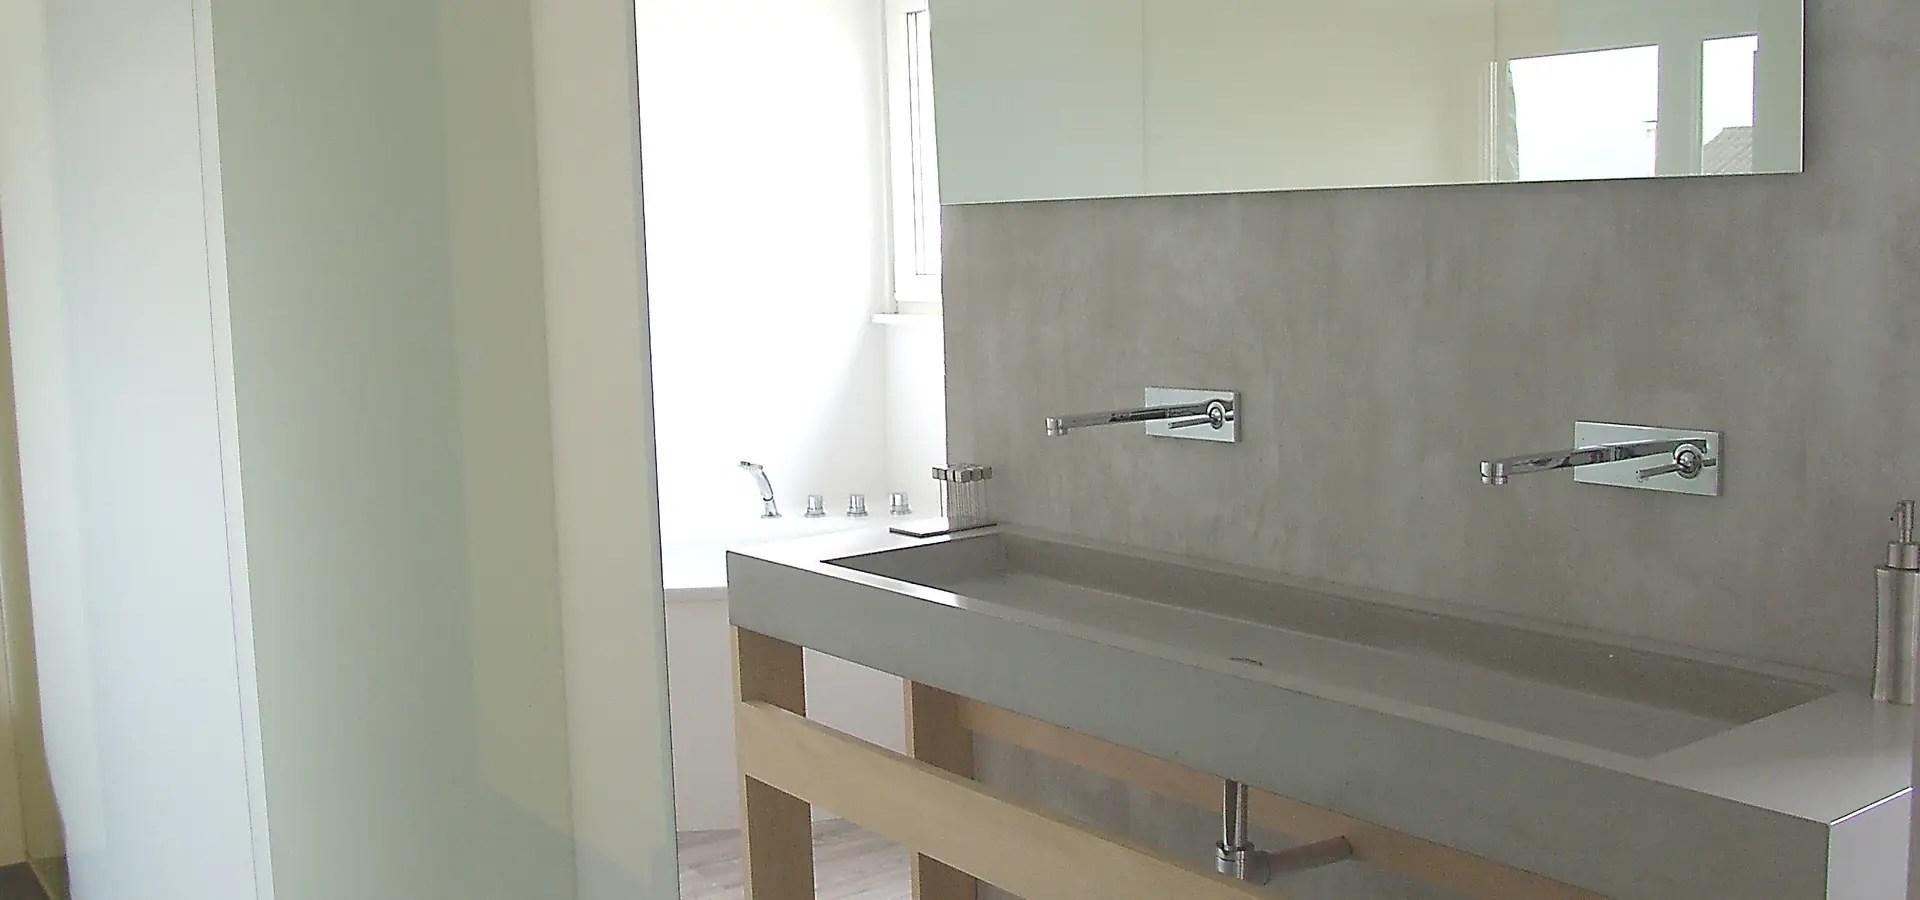 Badezimmer Mit T-lösung | 41 Handverlesen Spiegelschrank 80 Cm Für ...